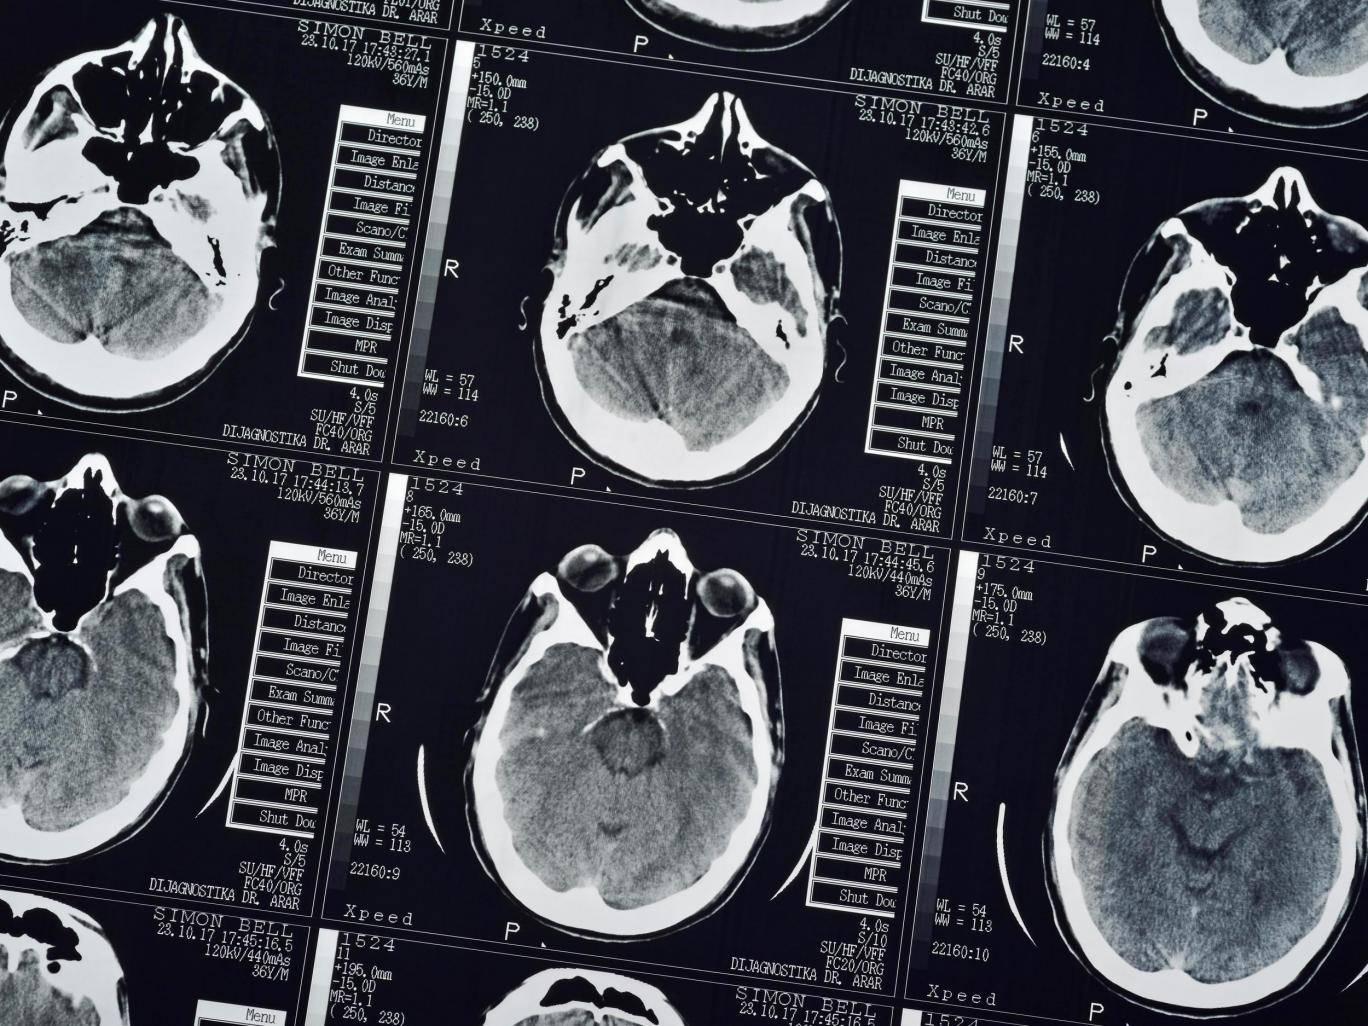 تشفير الادراكات الحسية في قشرة دماغ الانسان يتيح للأعمى أن يرى والمشلول أن يشعر باللمس